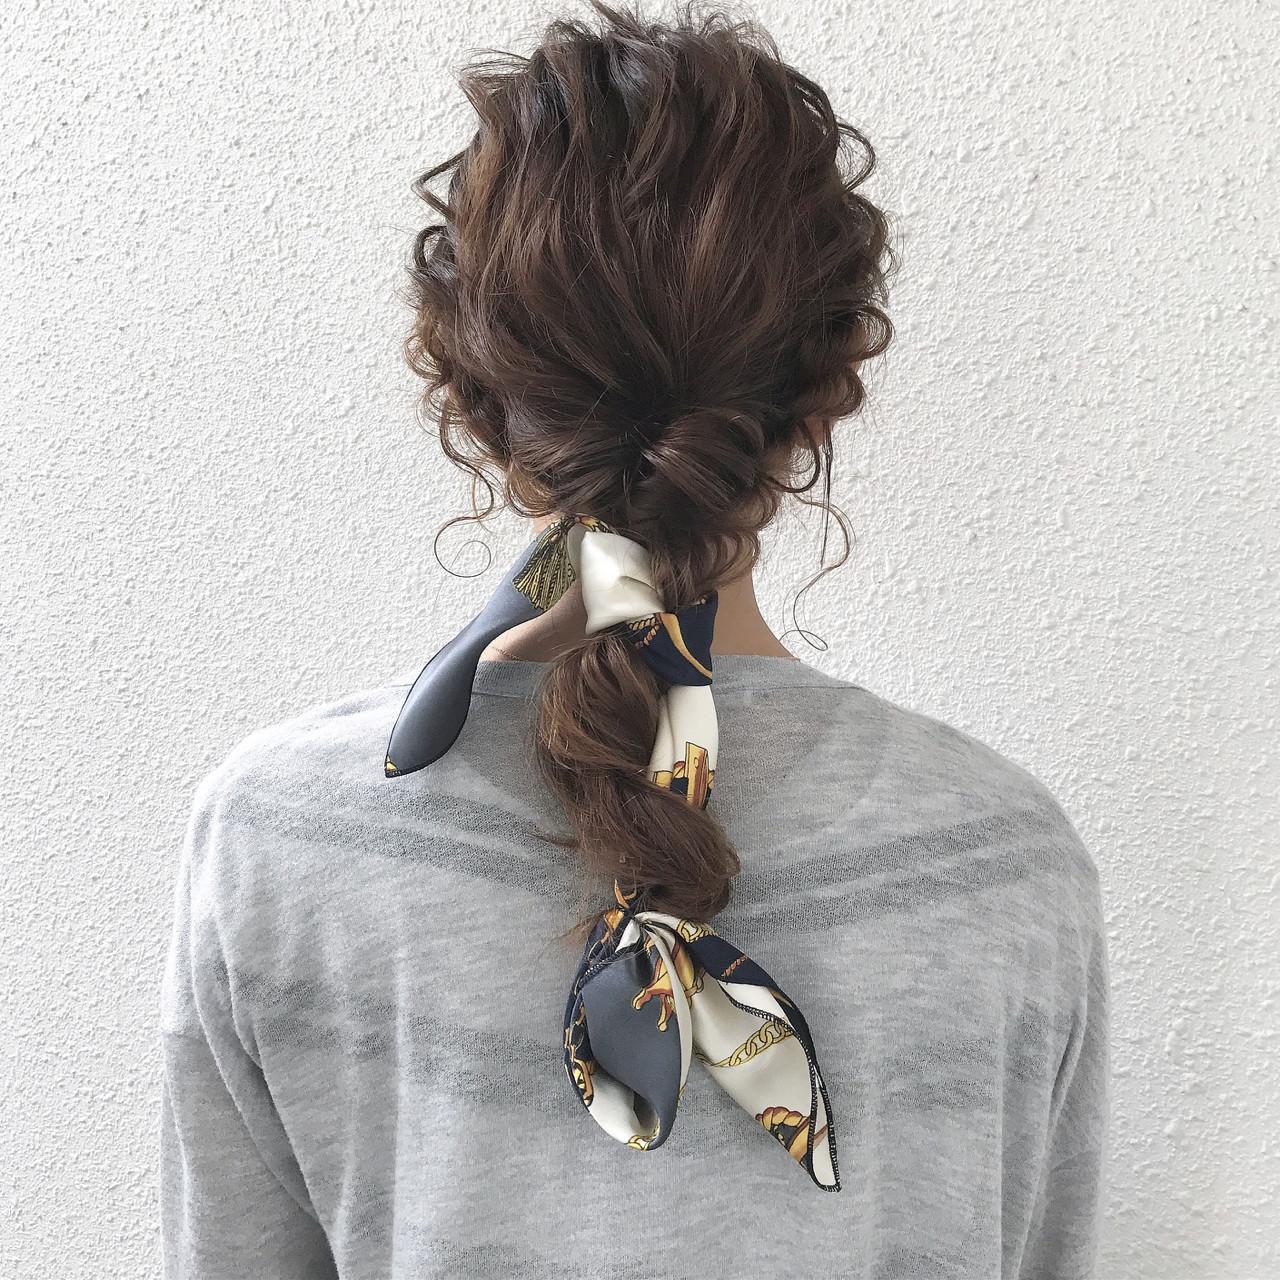 ヘアアレンジ セミロング ヘアアクセ 簡単ヘアアレンジ ヘアスタイルや髪型の写真・画像